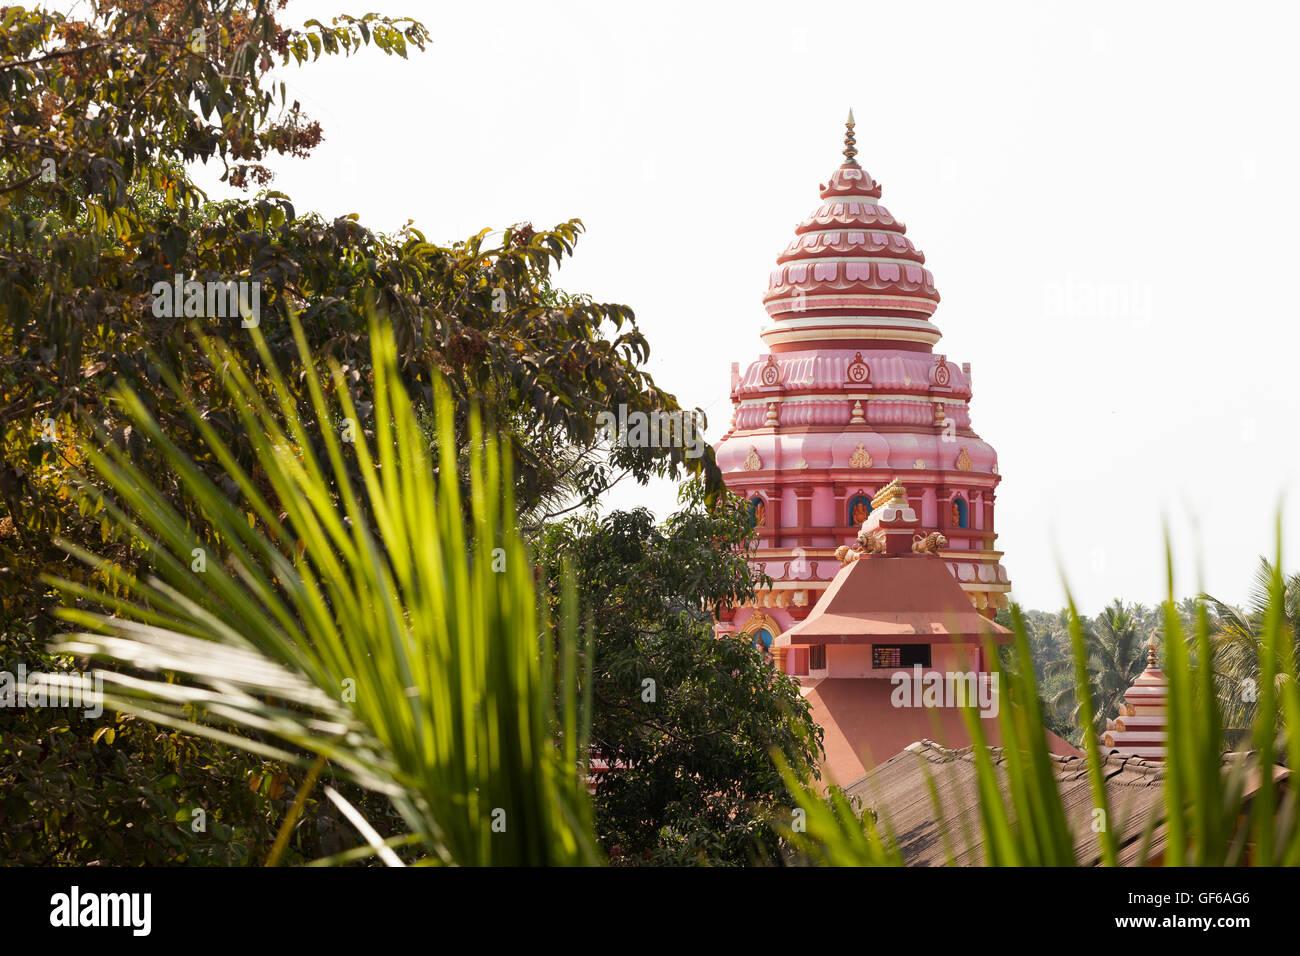 hindu temple dome india goa - Stock Image